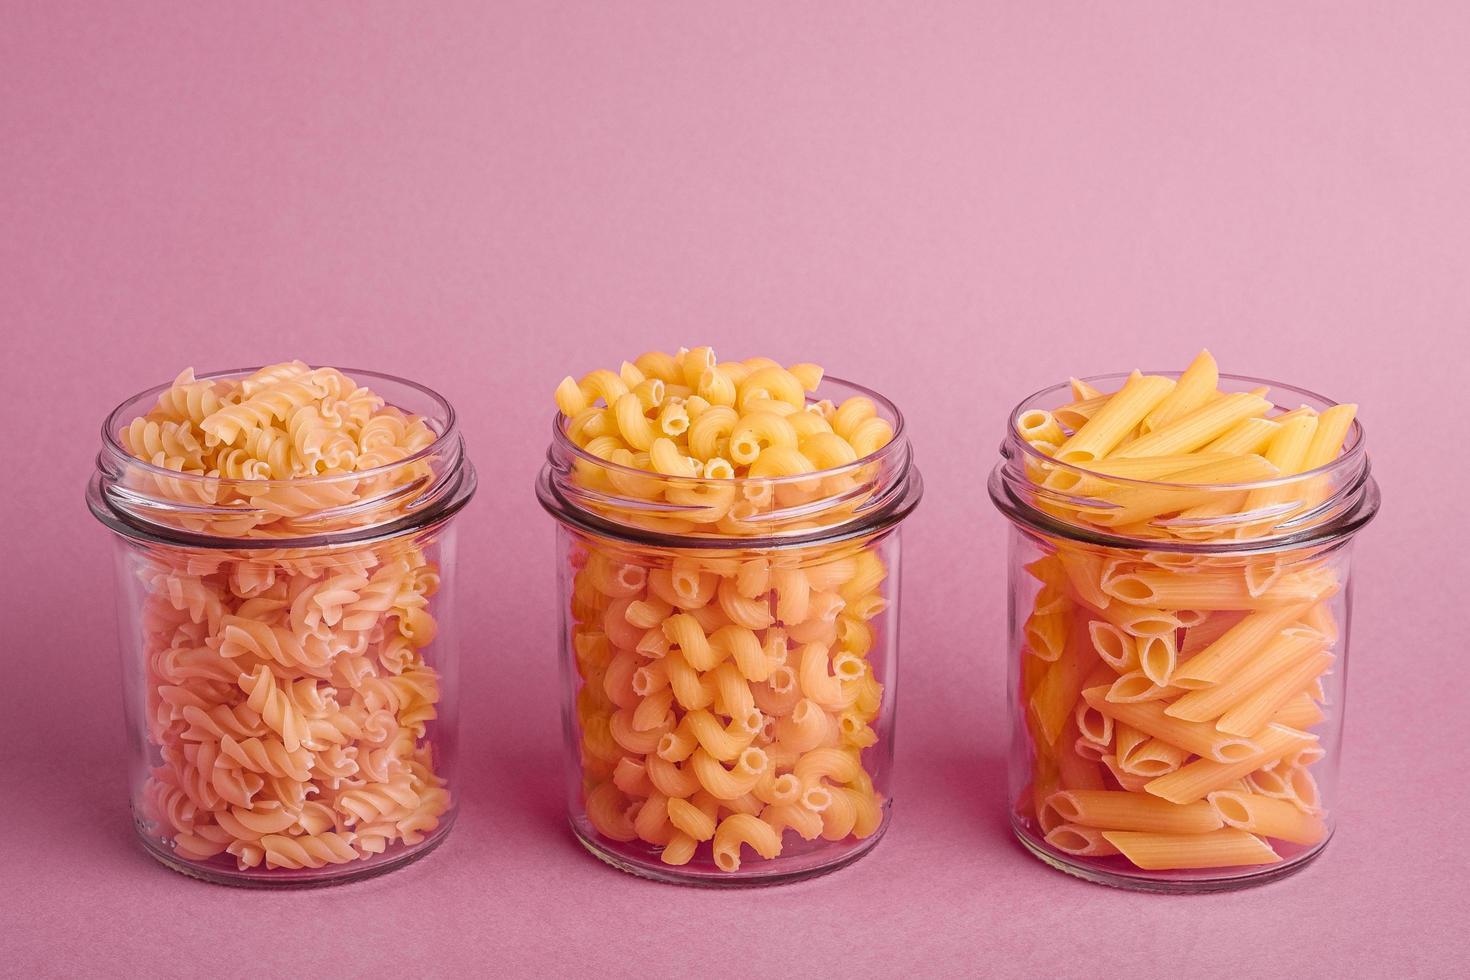 Vielzahl von ungekochten goldenen Weizennudeln auf minimalem rosa Hintergrund foto